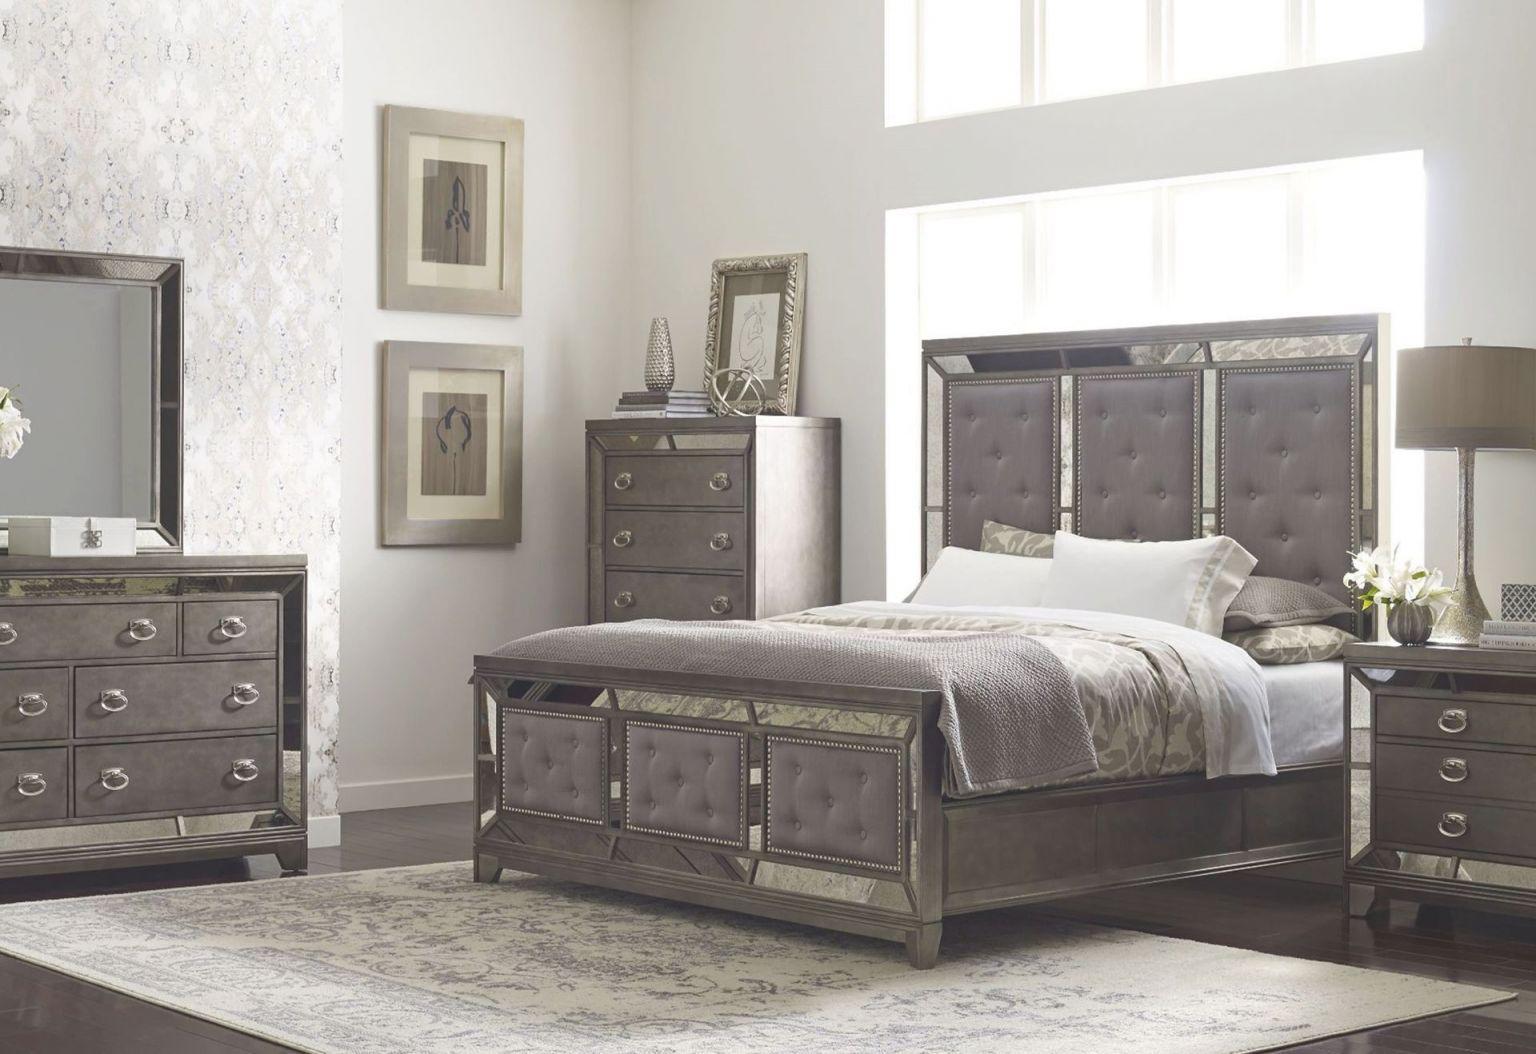 Winston Queen Bedroom Set with regard to Bedroom Set Queen